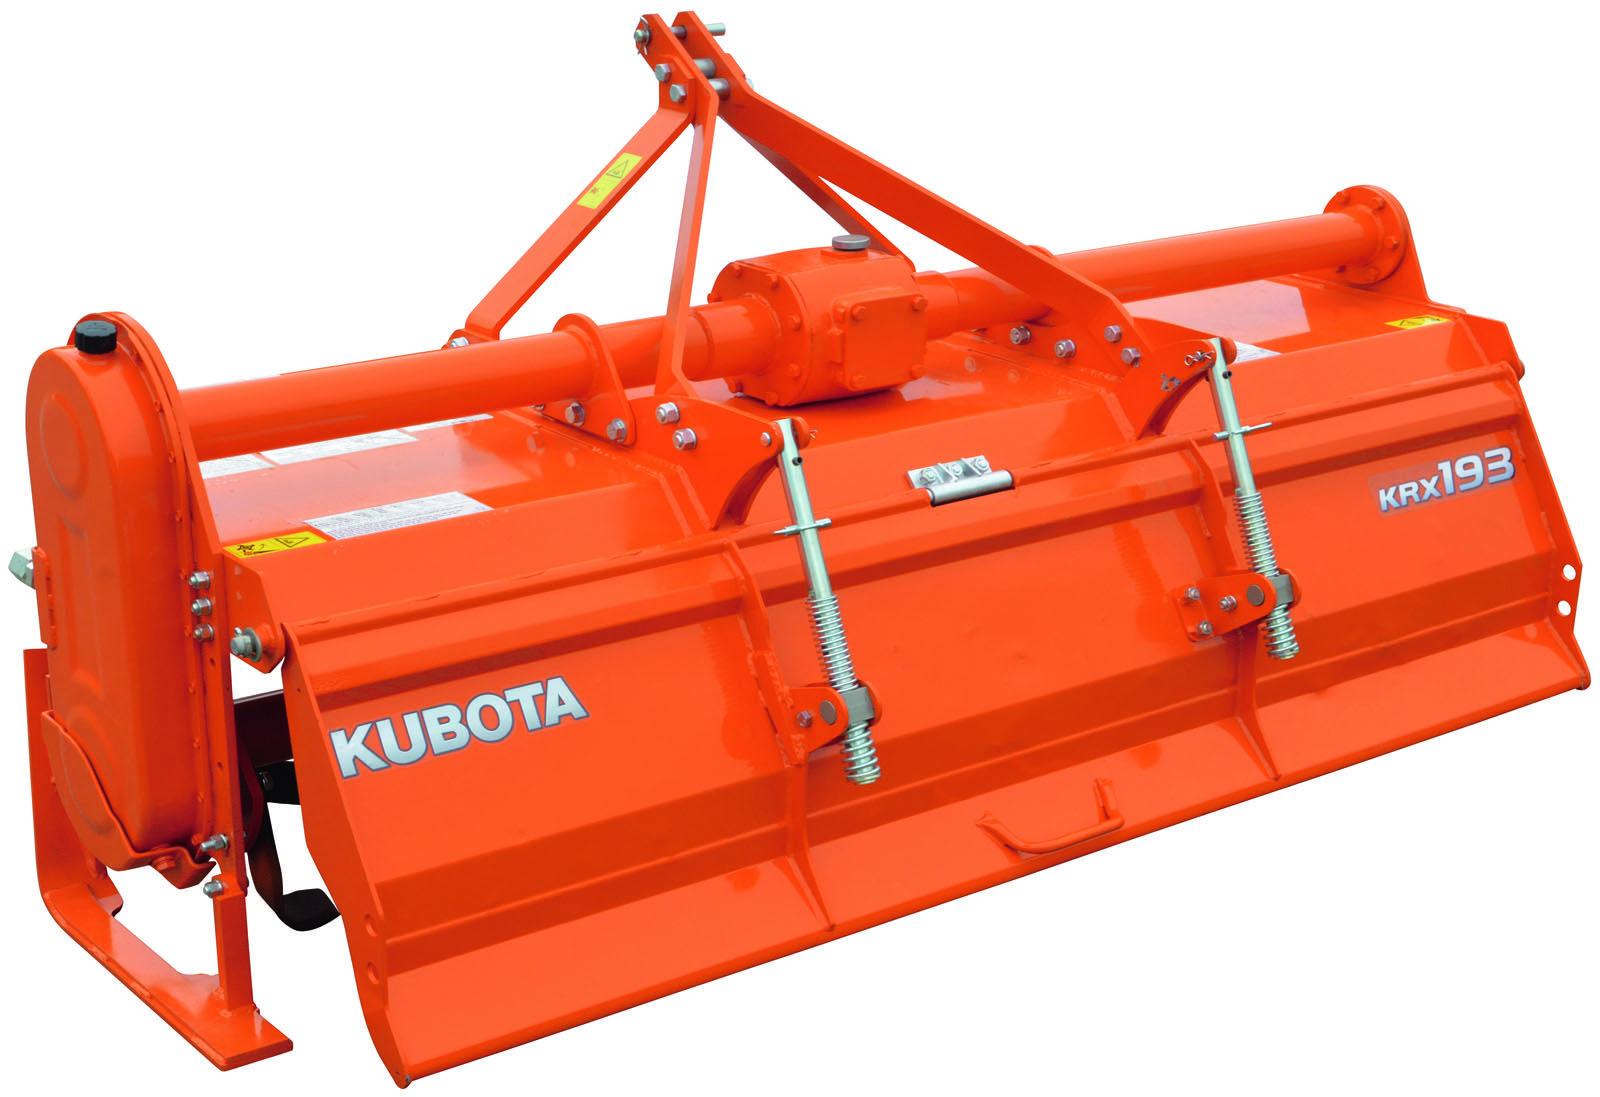 Kubota implements Rotary Tiller: KRX164 - KRX175 - KRX71D